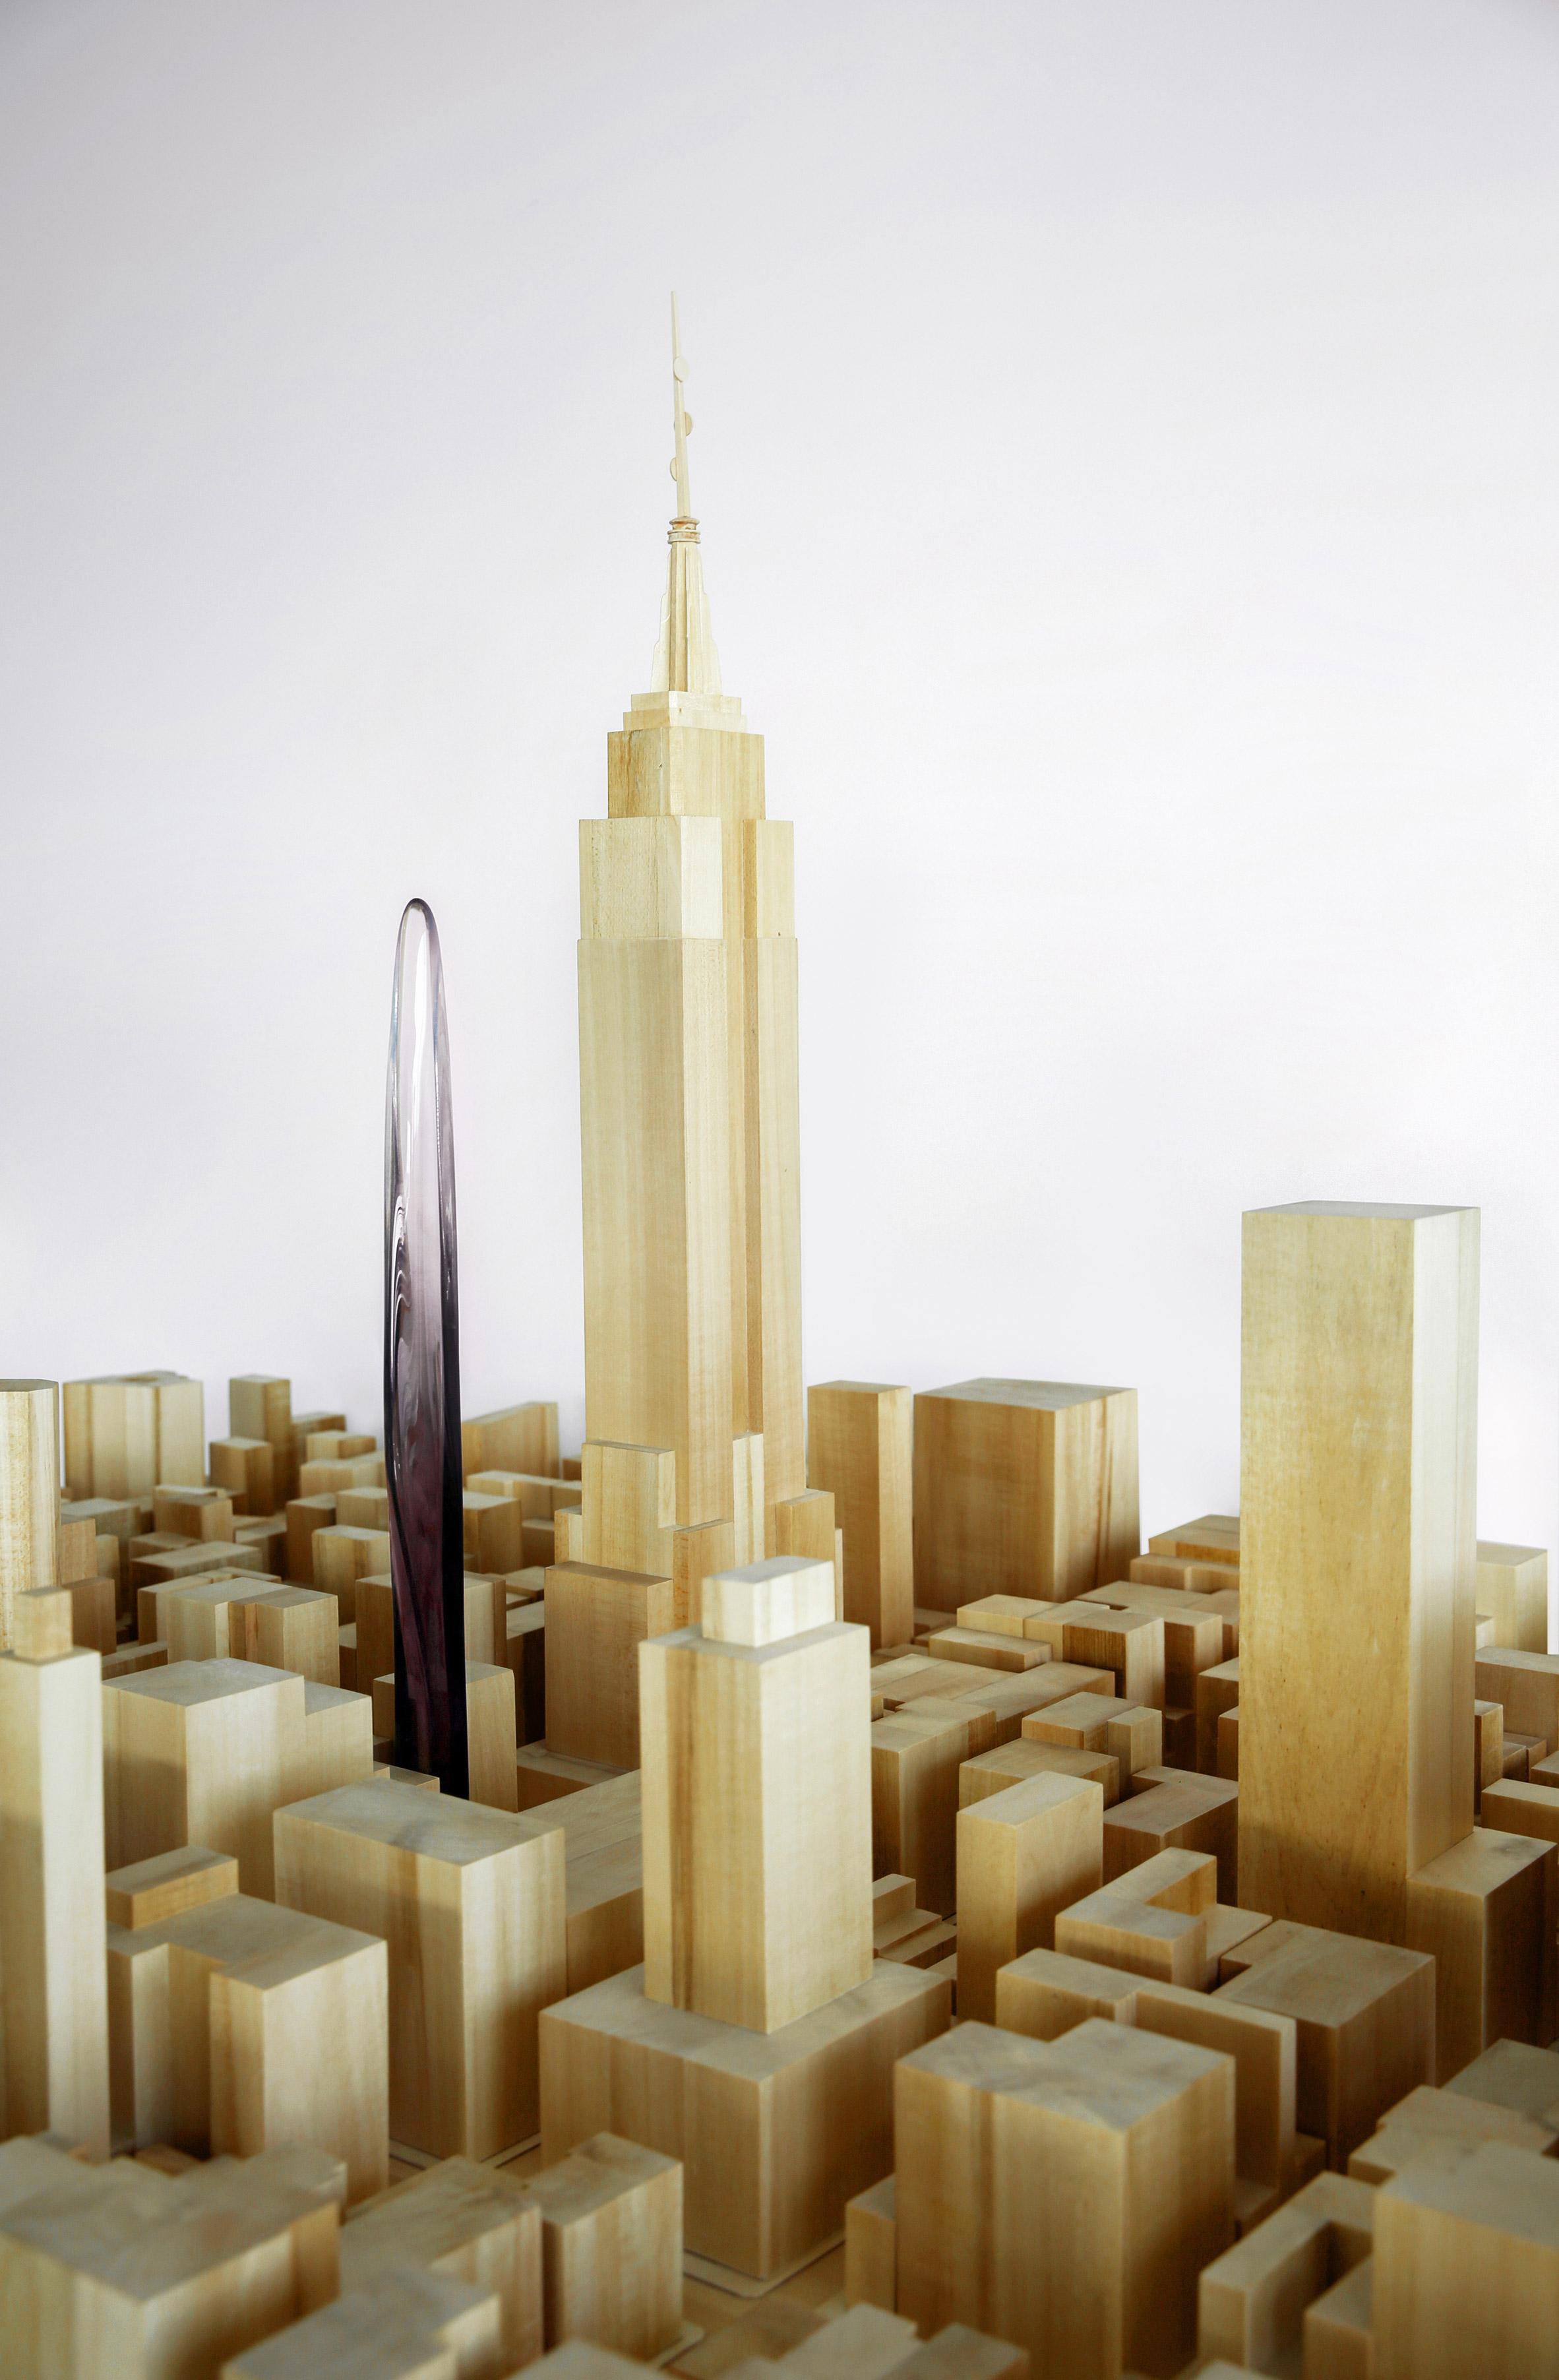 Минималистичный и утонченный профиль East 34th на фоне кубических гигантов Нью-Йорка